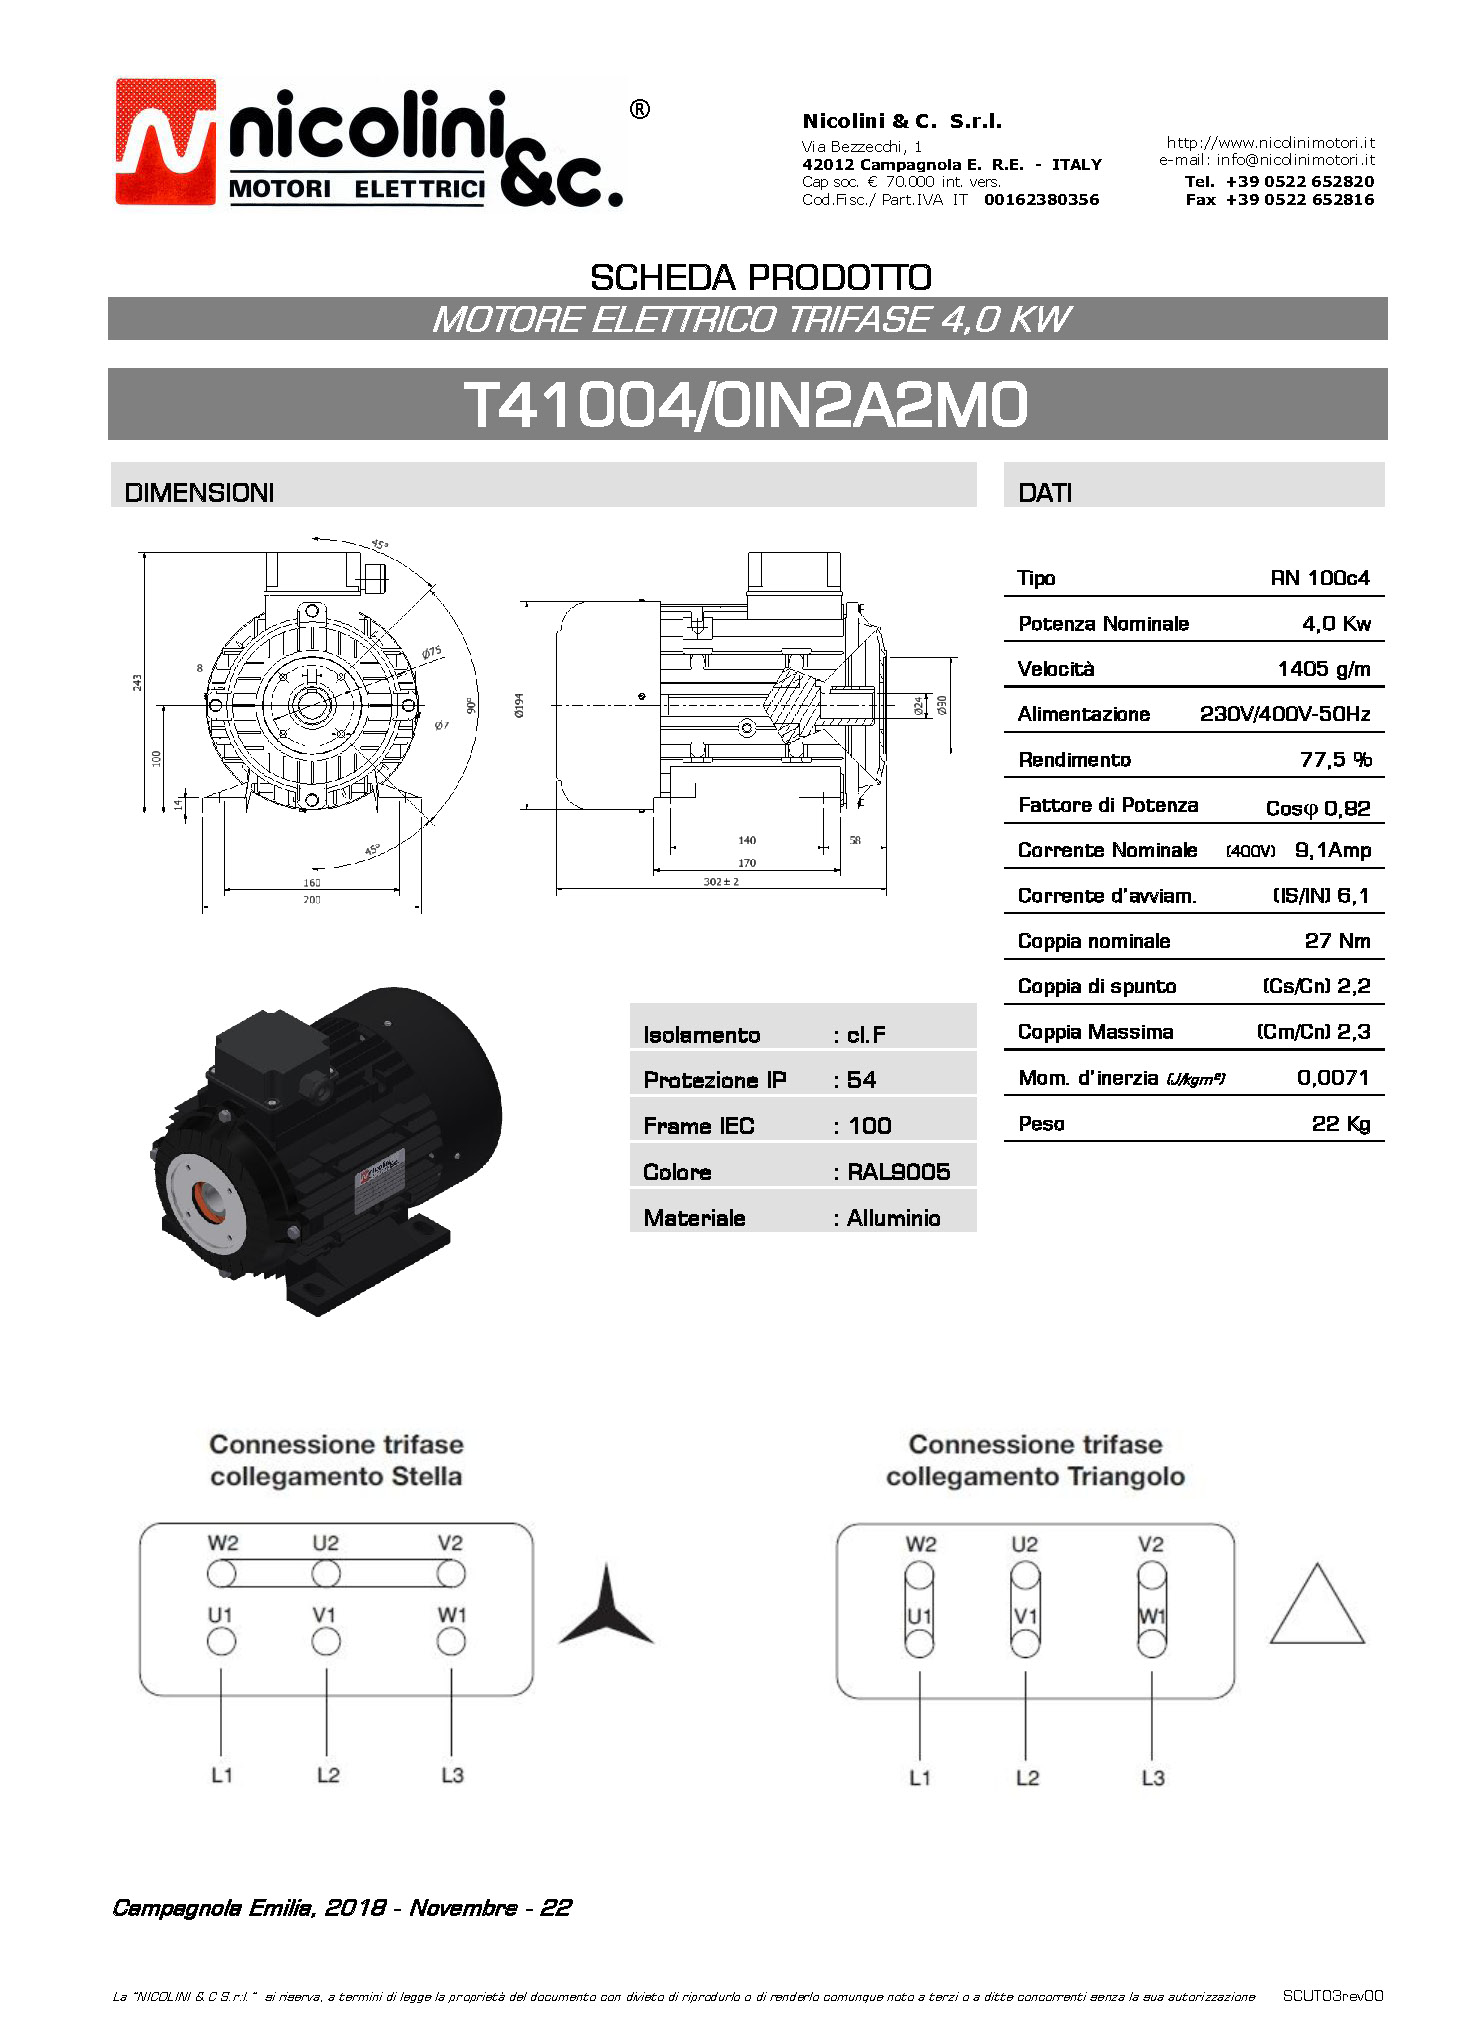 t41004-0in2a2m0-r00-i.jpg